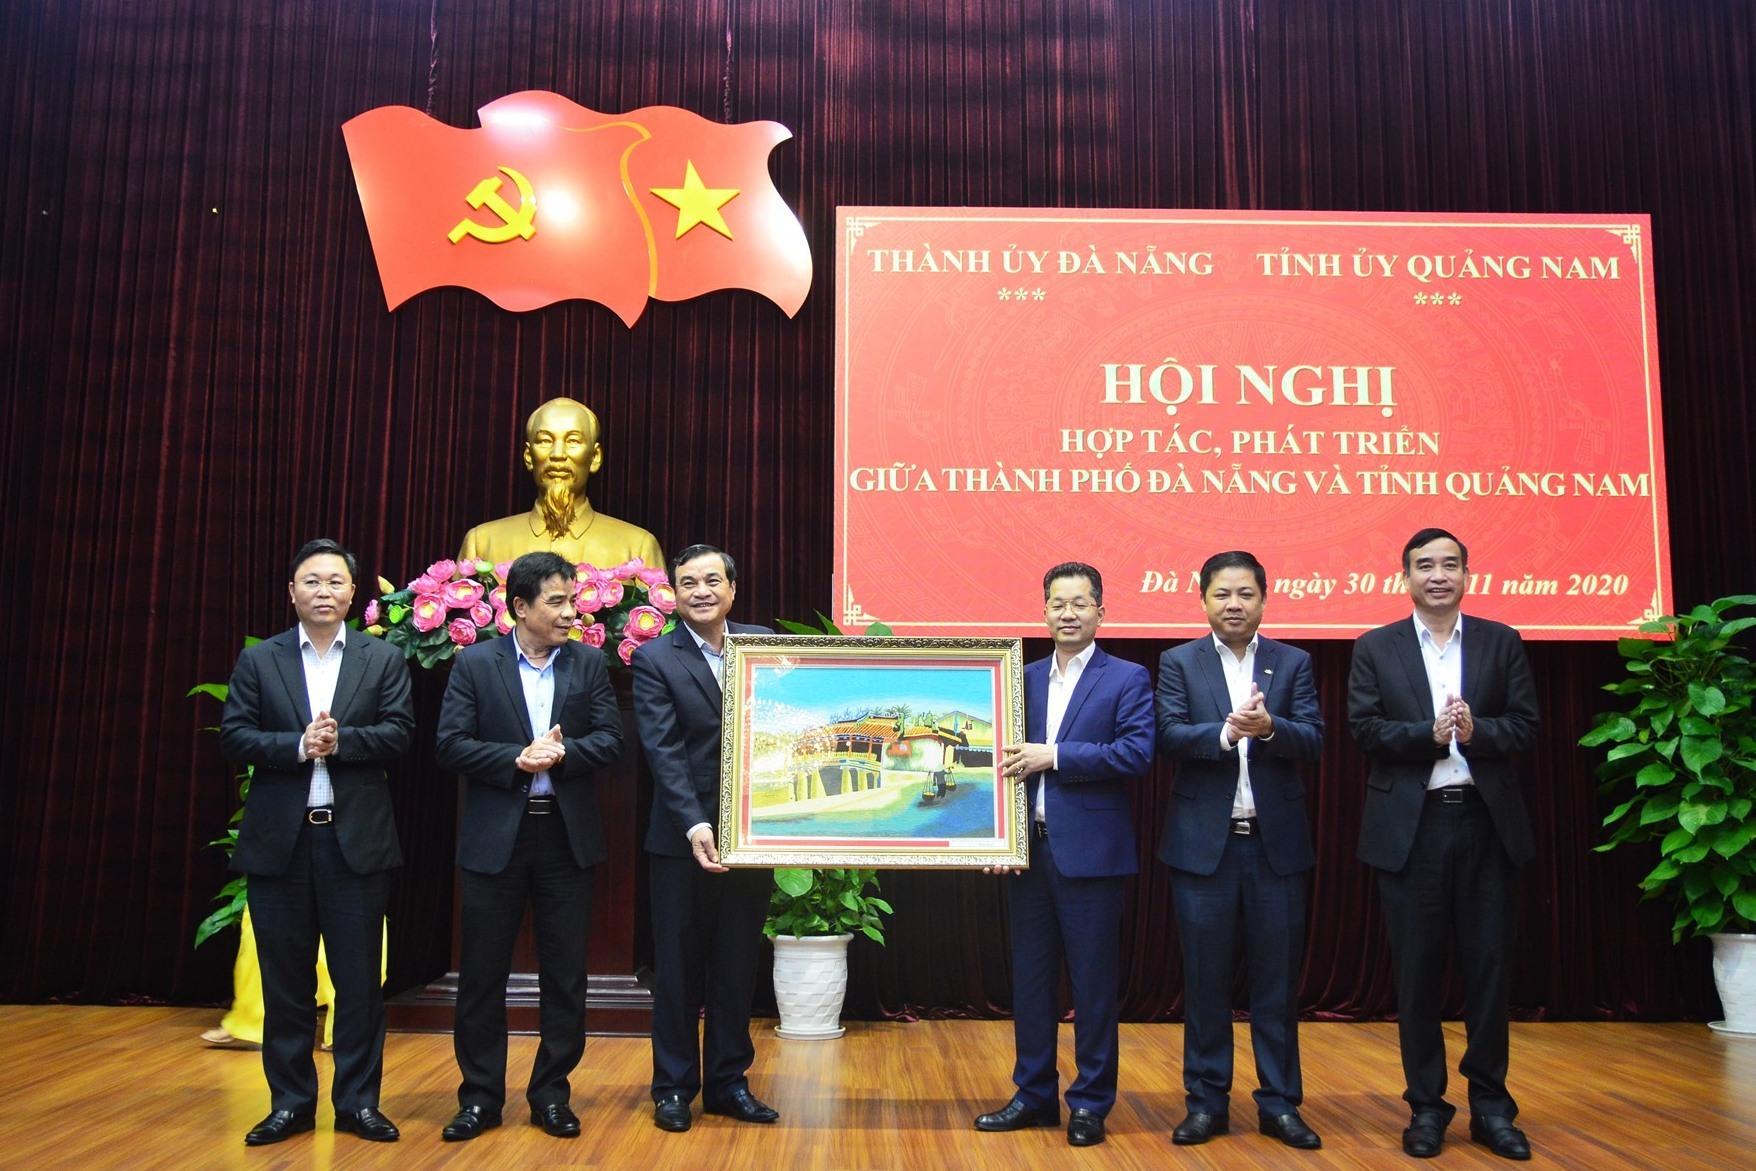 Thường trực Tỉnh ủy Quảng Nam tặng quà lưu niệm cho Thường trực Thành ủy Đà Nẵng. Ảnh: Q.T